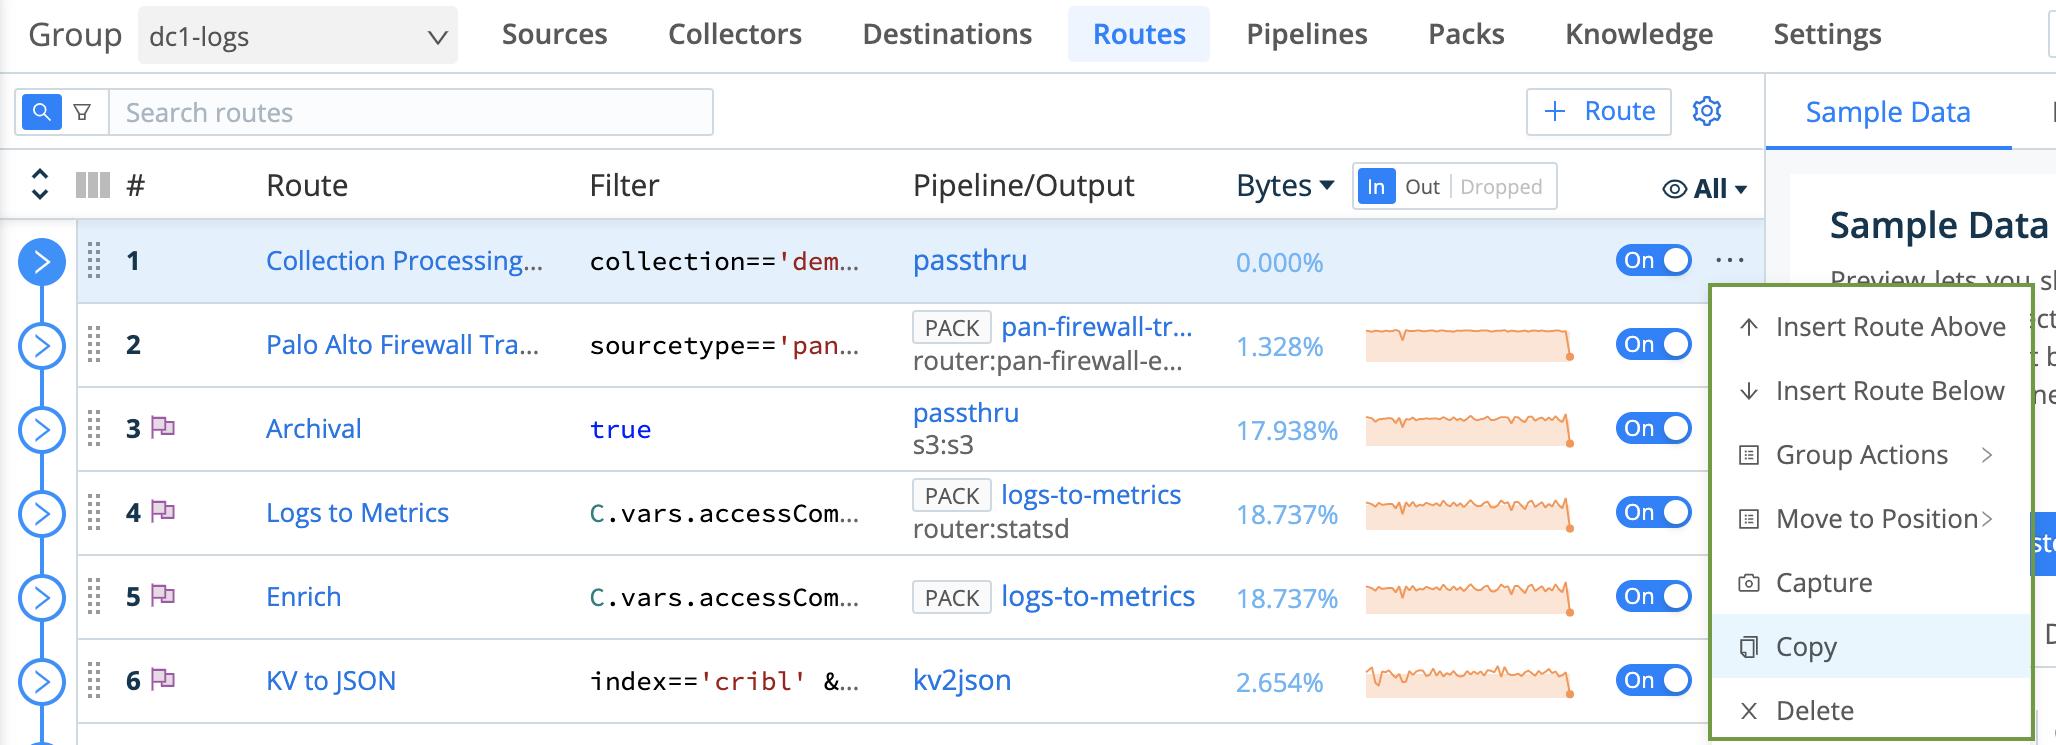 Route > Options menu